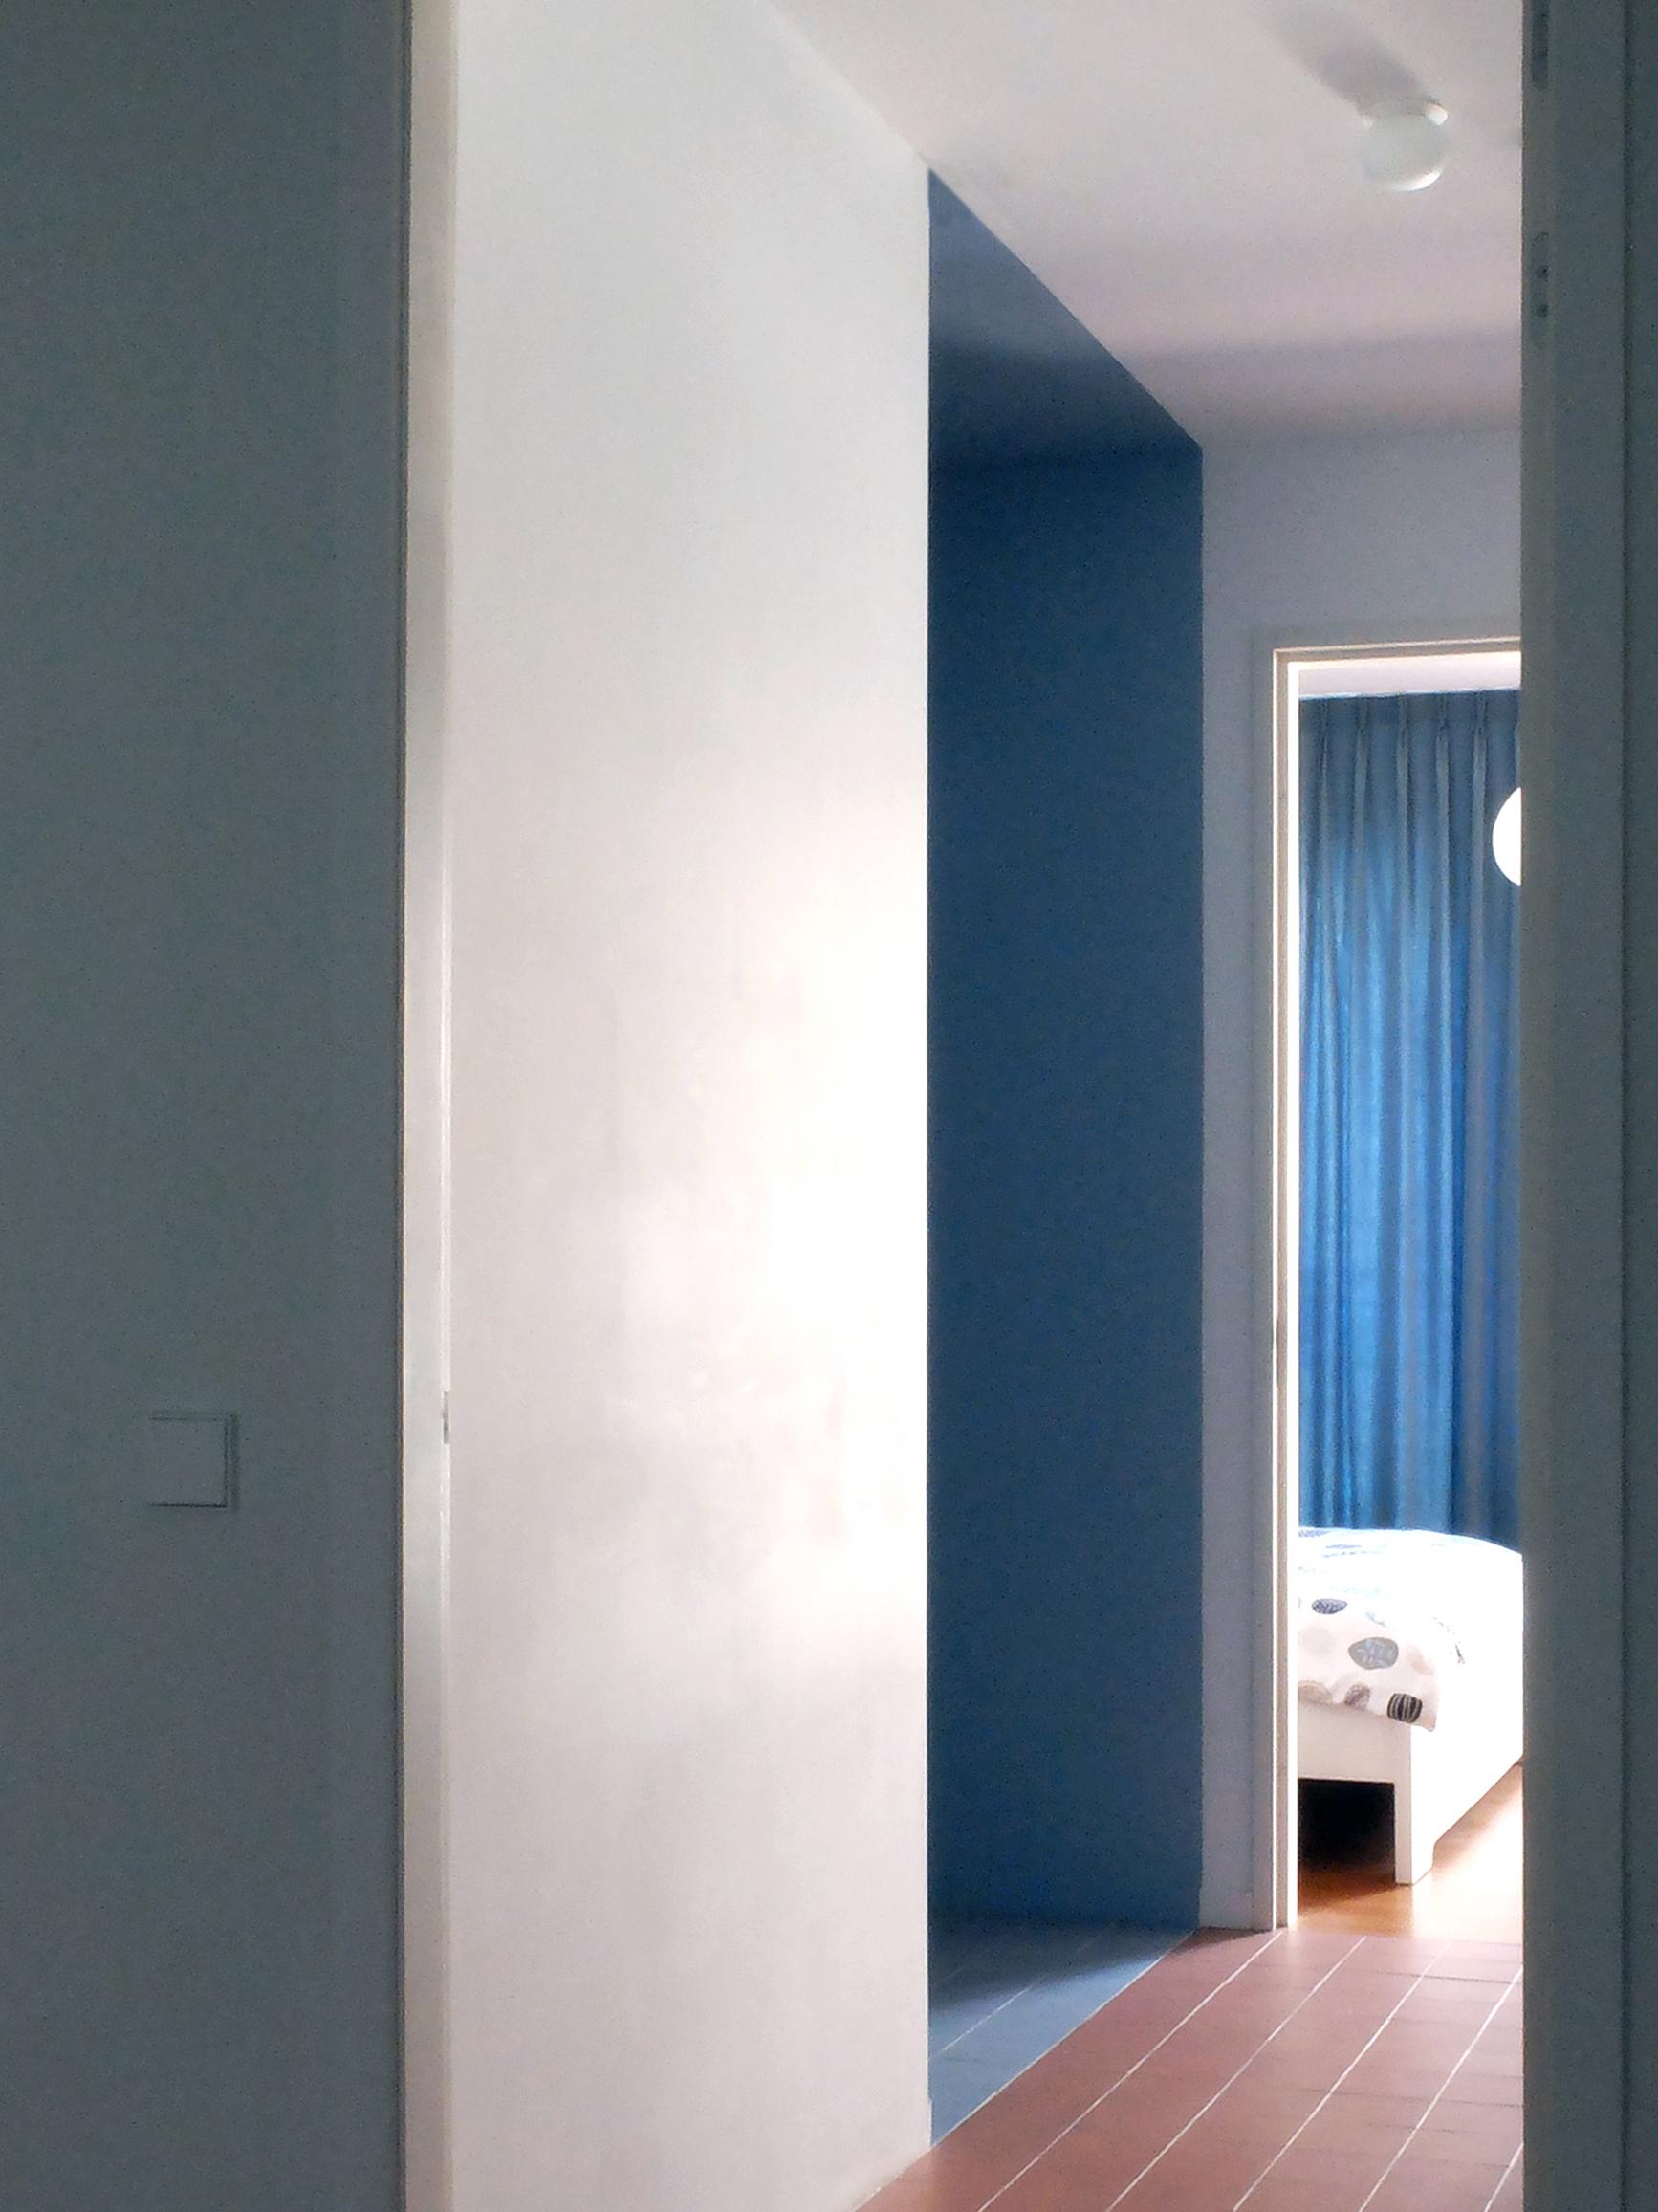 <p>Het blauwe trappenhuis is als een abstract volume afgescheiden van de overloop en de slaapkamers</p>